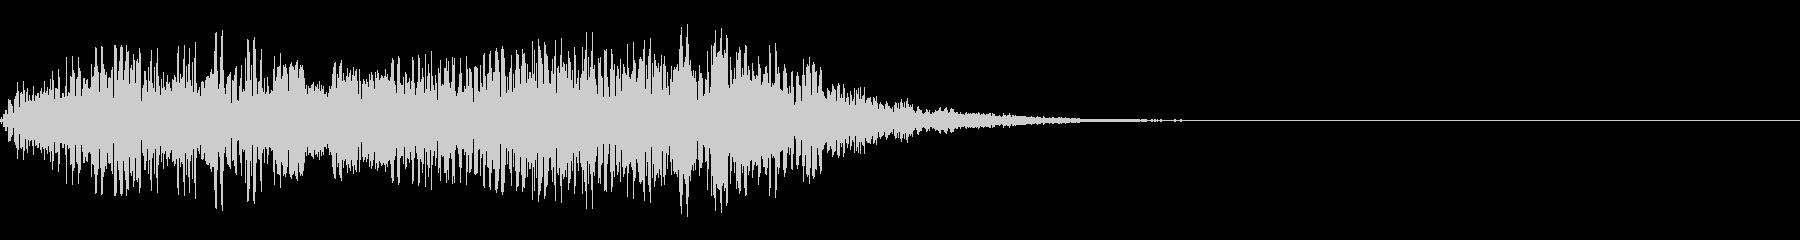 シューッという音EC07_92_2の未再生の波形